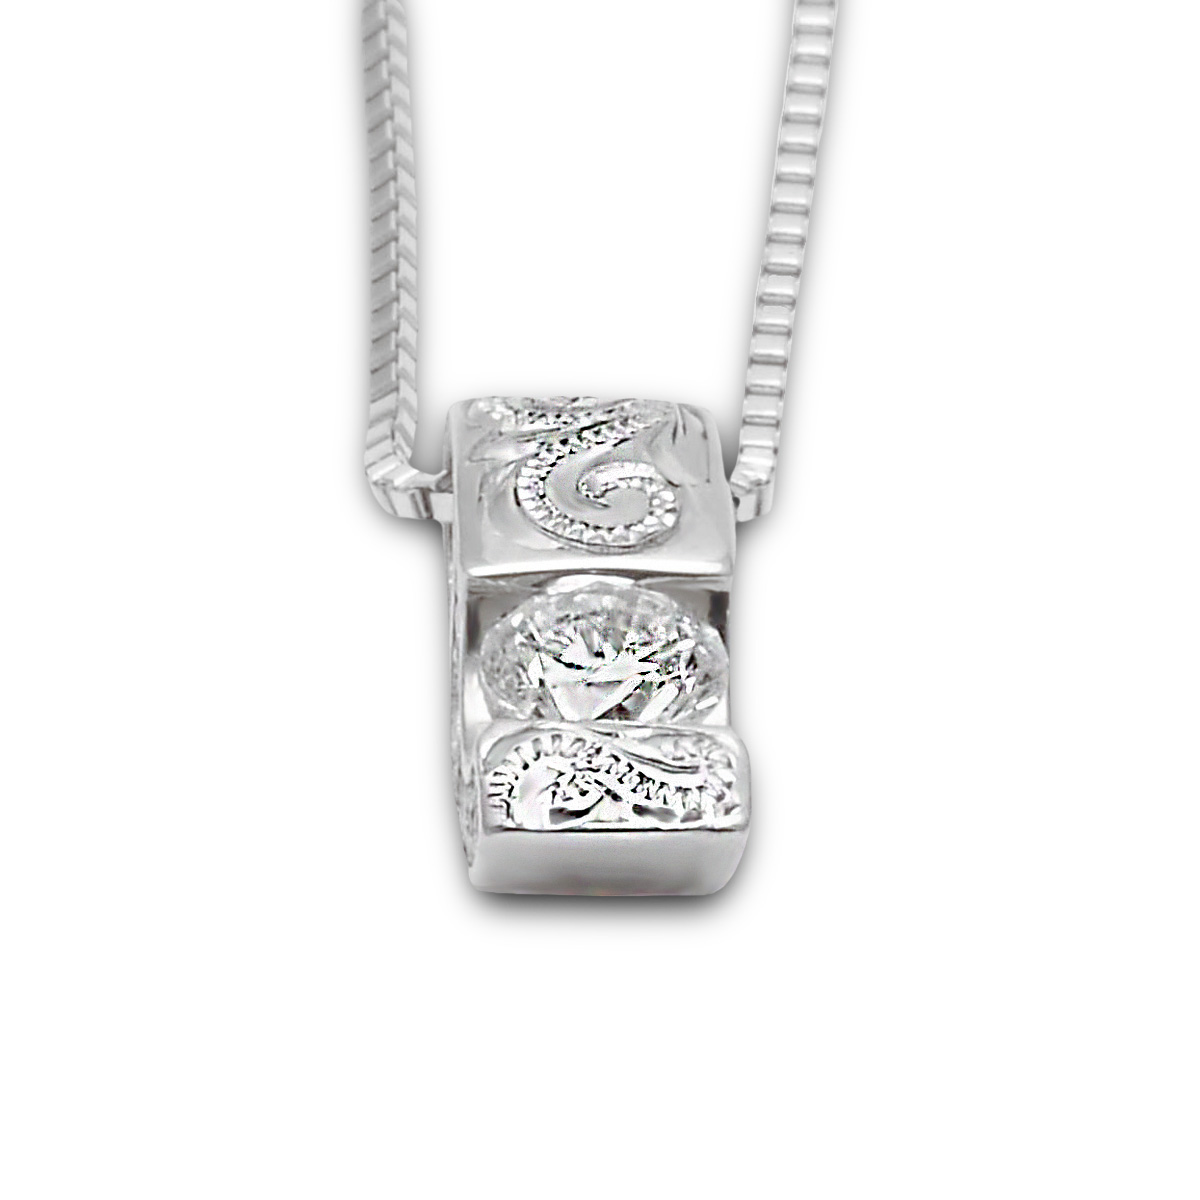 ハワイアンジュエリー ネックレス プラチナ ダイヤモンド (Weliana) Pt950 スクロール ダイアモンド ペンダントネックレス 0.18ct 45cmAJチェーン (Pt850)/新作